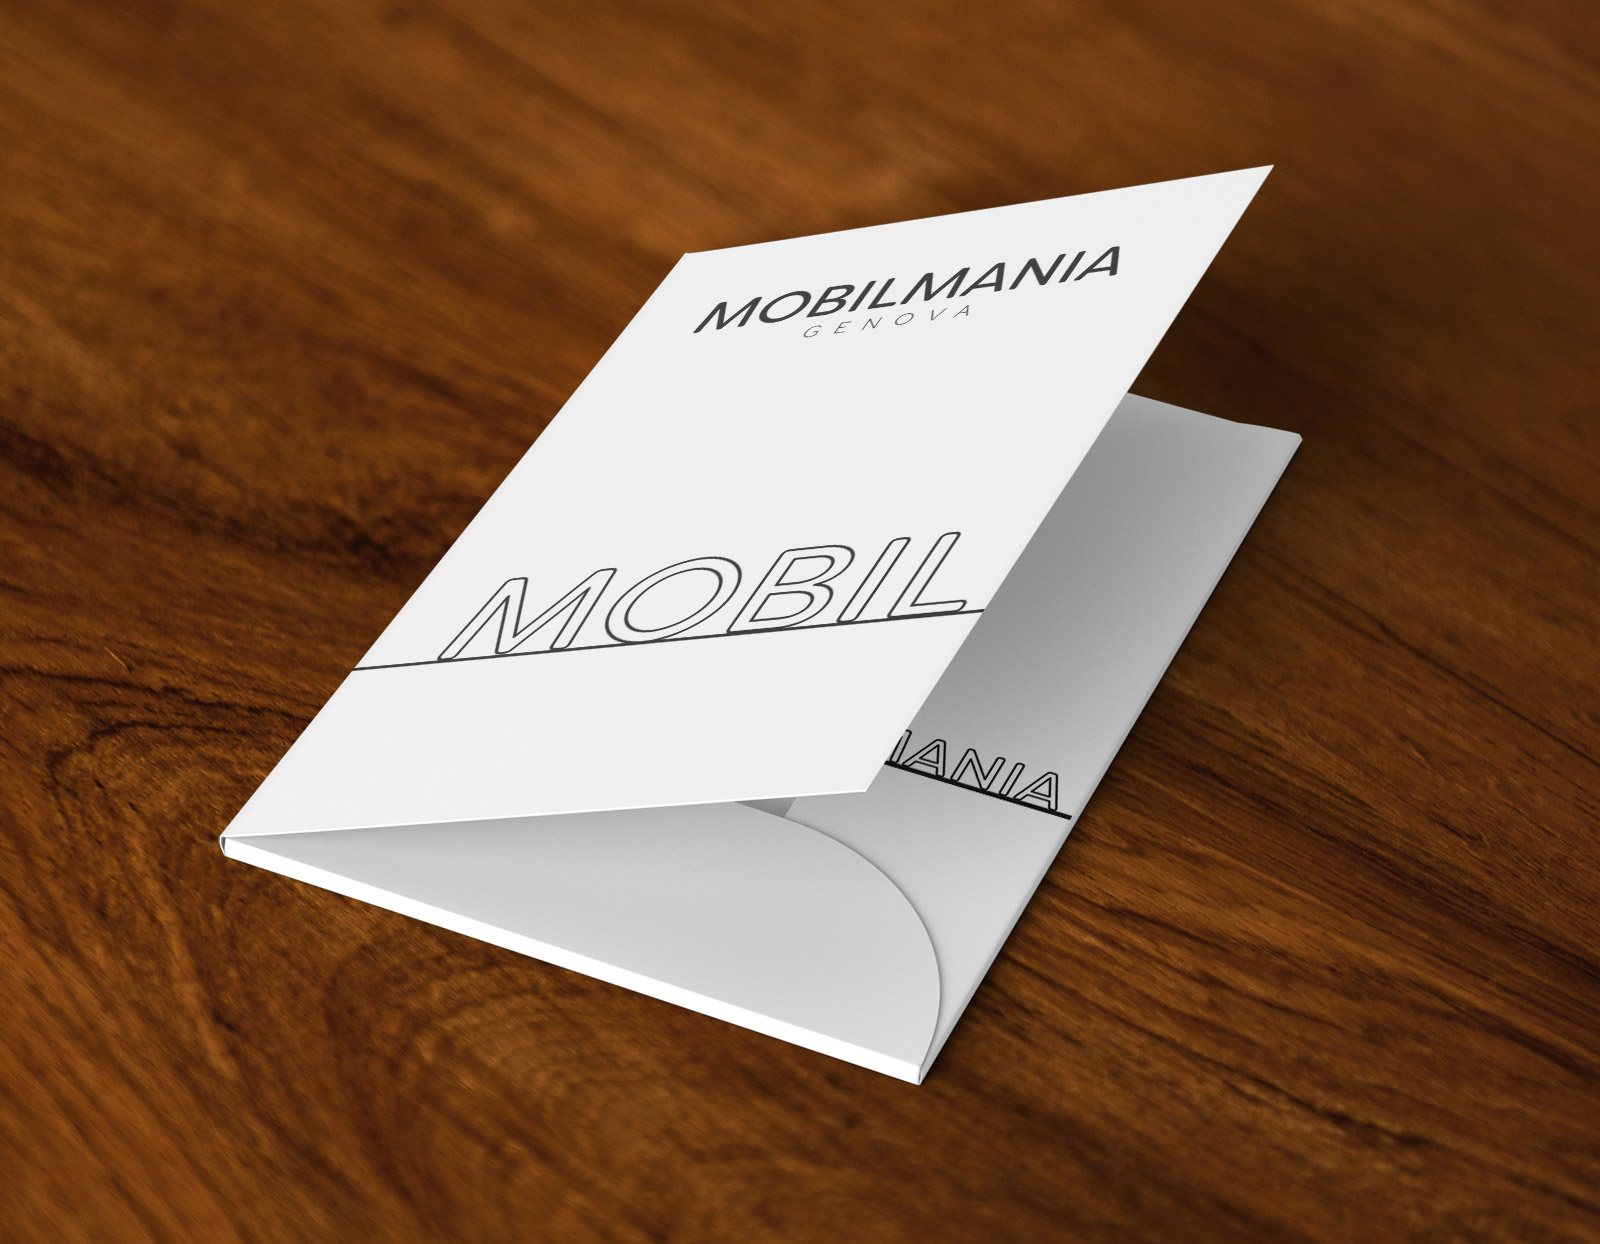 Mobilmania Genova